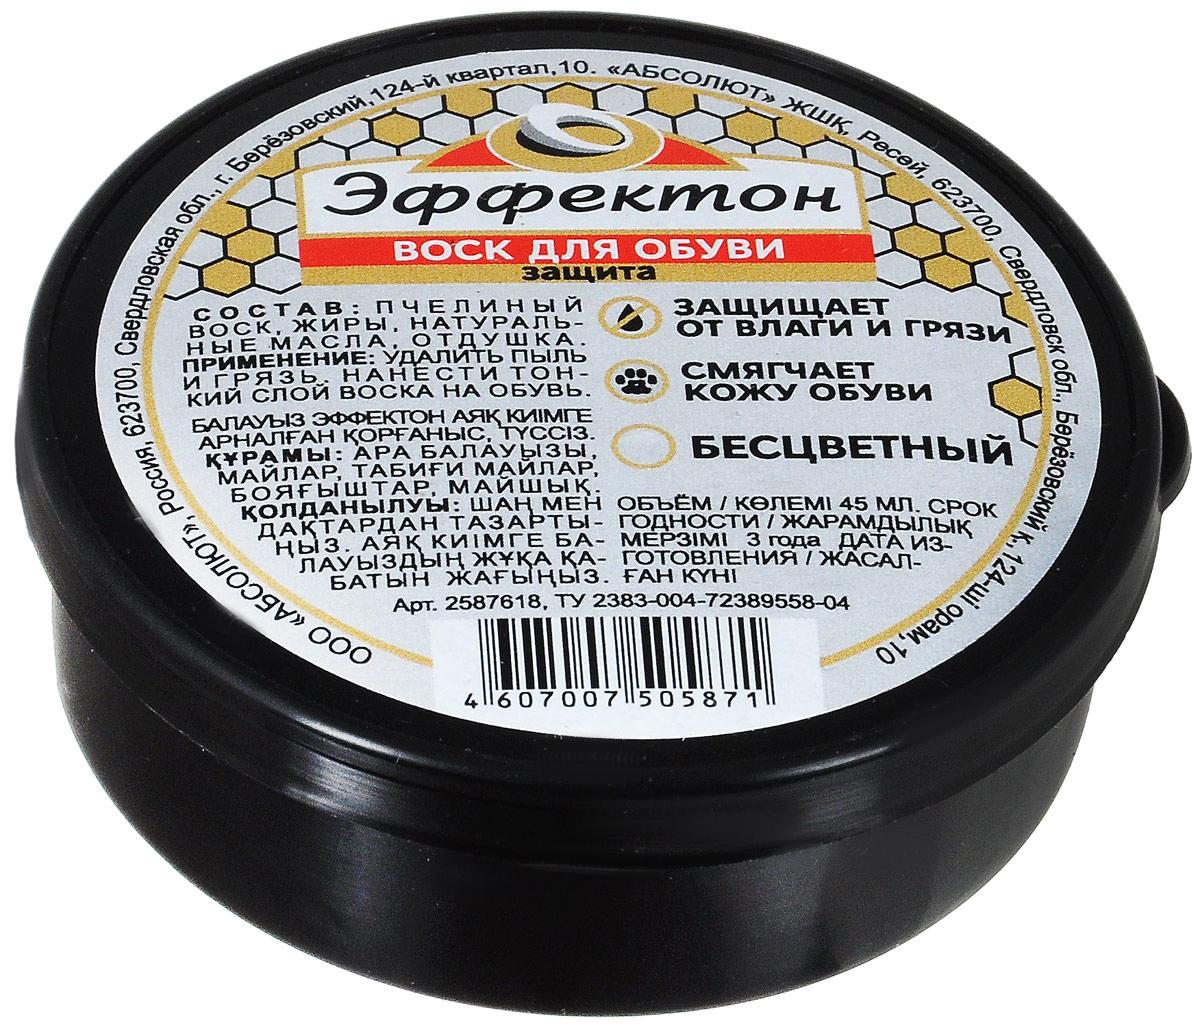 Воск для обуви Эффектон ЗАЩИТА, цвет: прозрачный, 45 млMW-3101Обновляет внешний вид, очищает и придает мгновенный блеск обуви и изделиям из гладкой кожи, обеспечивает дополнительную защиту от влаги и грязи. Восстанавливает цвет изделия.Состав: пчелиный воск, жиры, натуральные масла, отдушка.Товар сертифицирован.